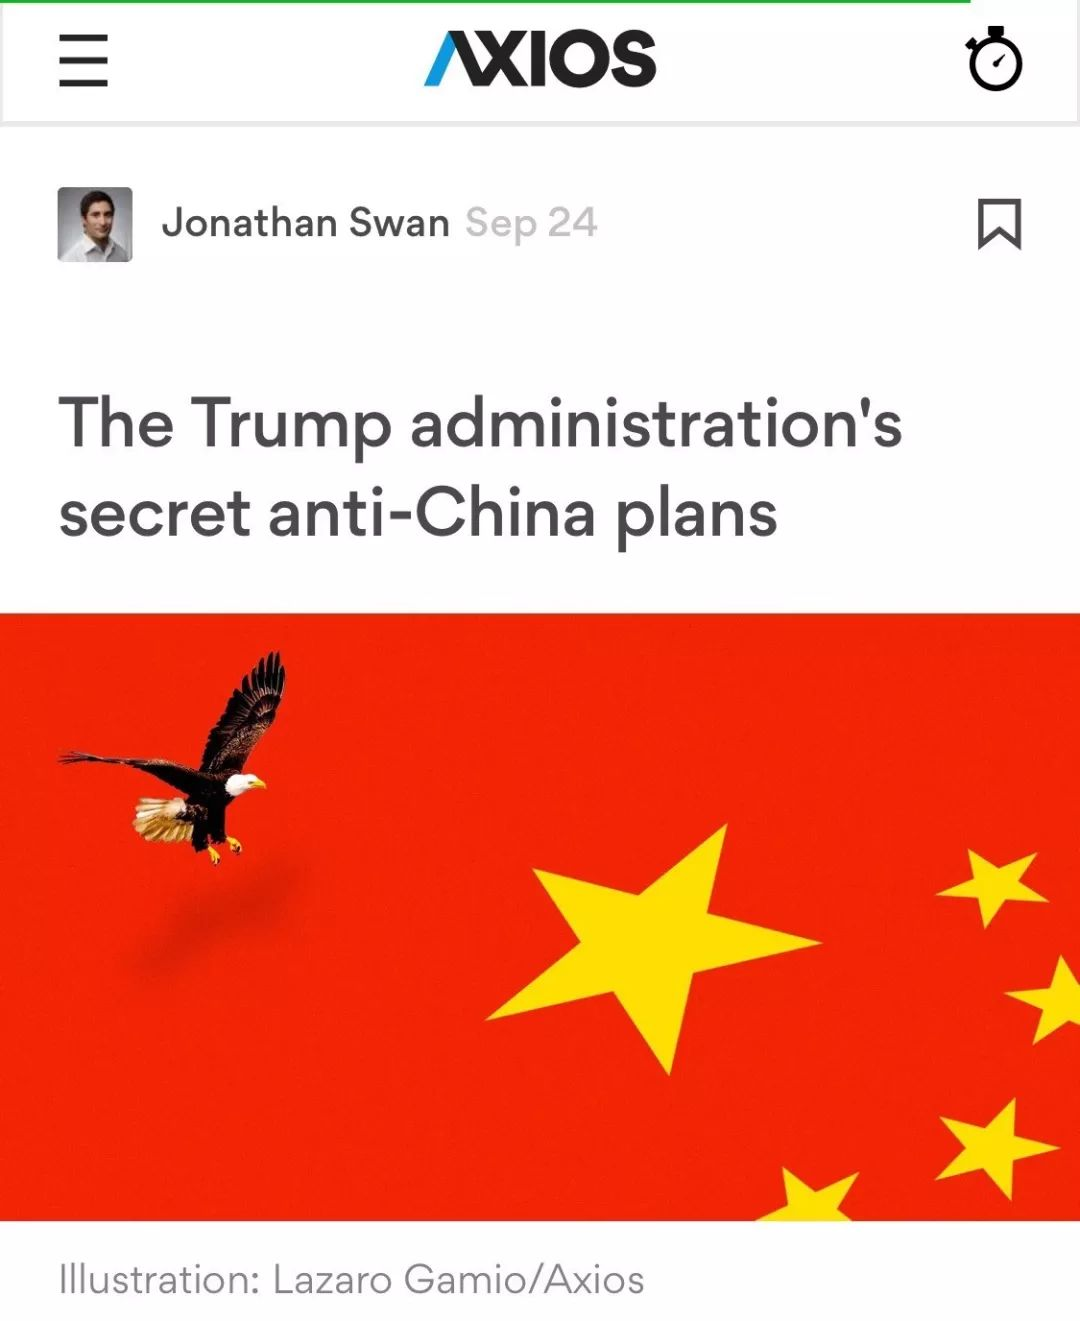 官媒批彭斯:老调重弹 核心思想就是贬损中国(图)